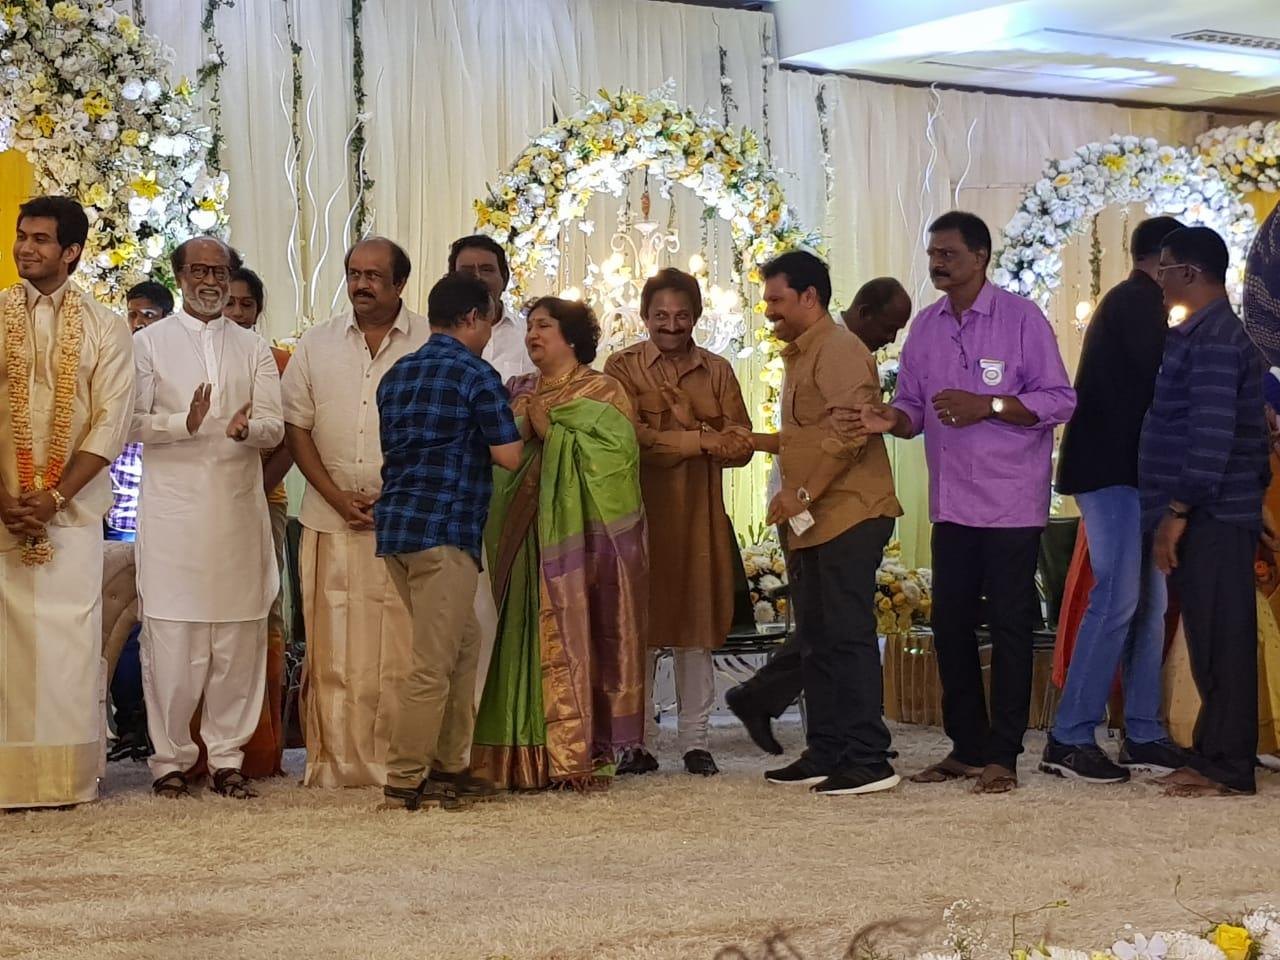 సౌందర్య రజినీకాంత్ ప్రీ వెడ్డింగ్ రిసెప్షన్